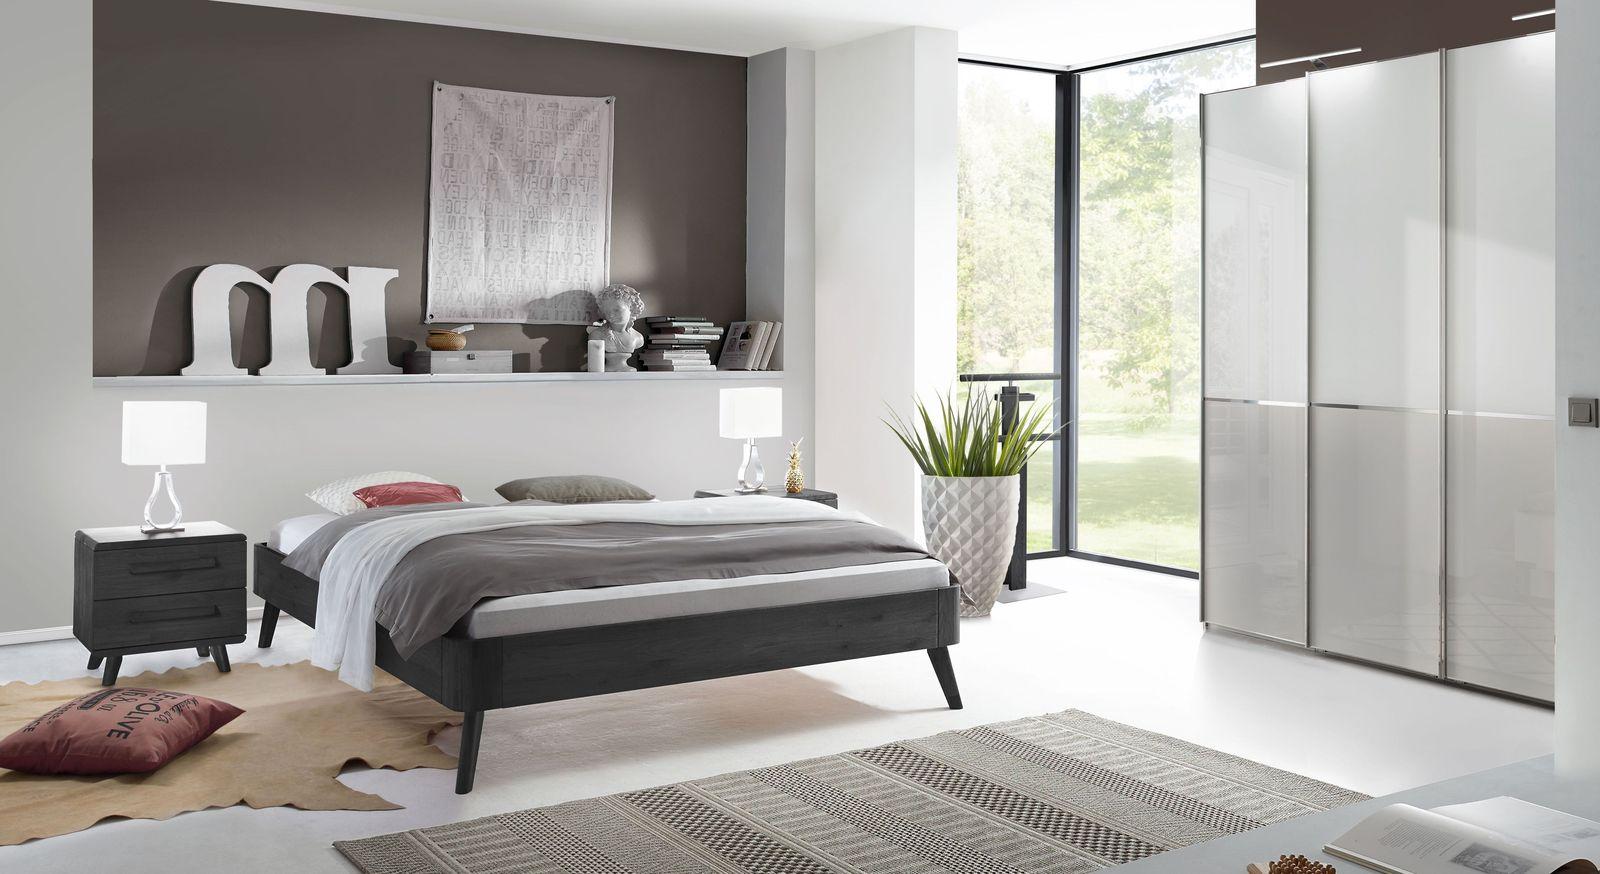 Schlafzimmer Santa Rosa mit Massivholzbett und Kleiderschrank